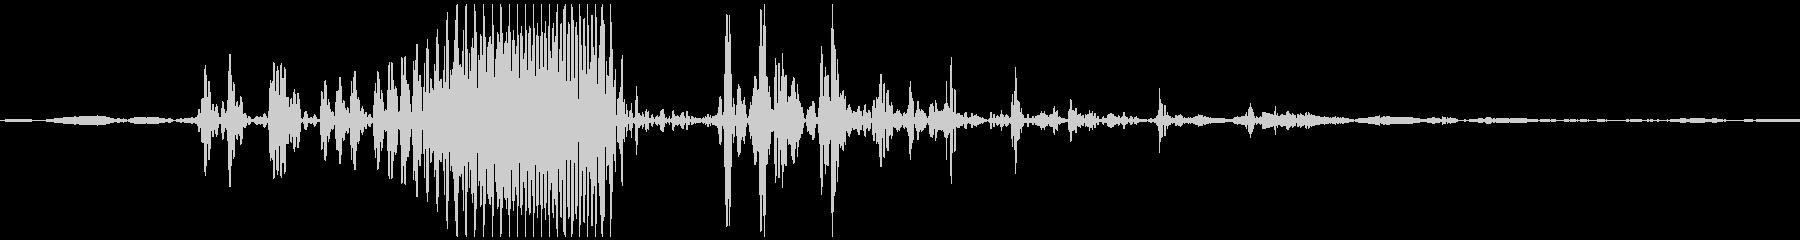 ゴクン 喉の音2の未再生の波形